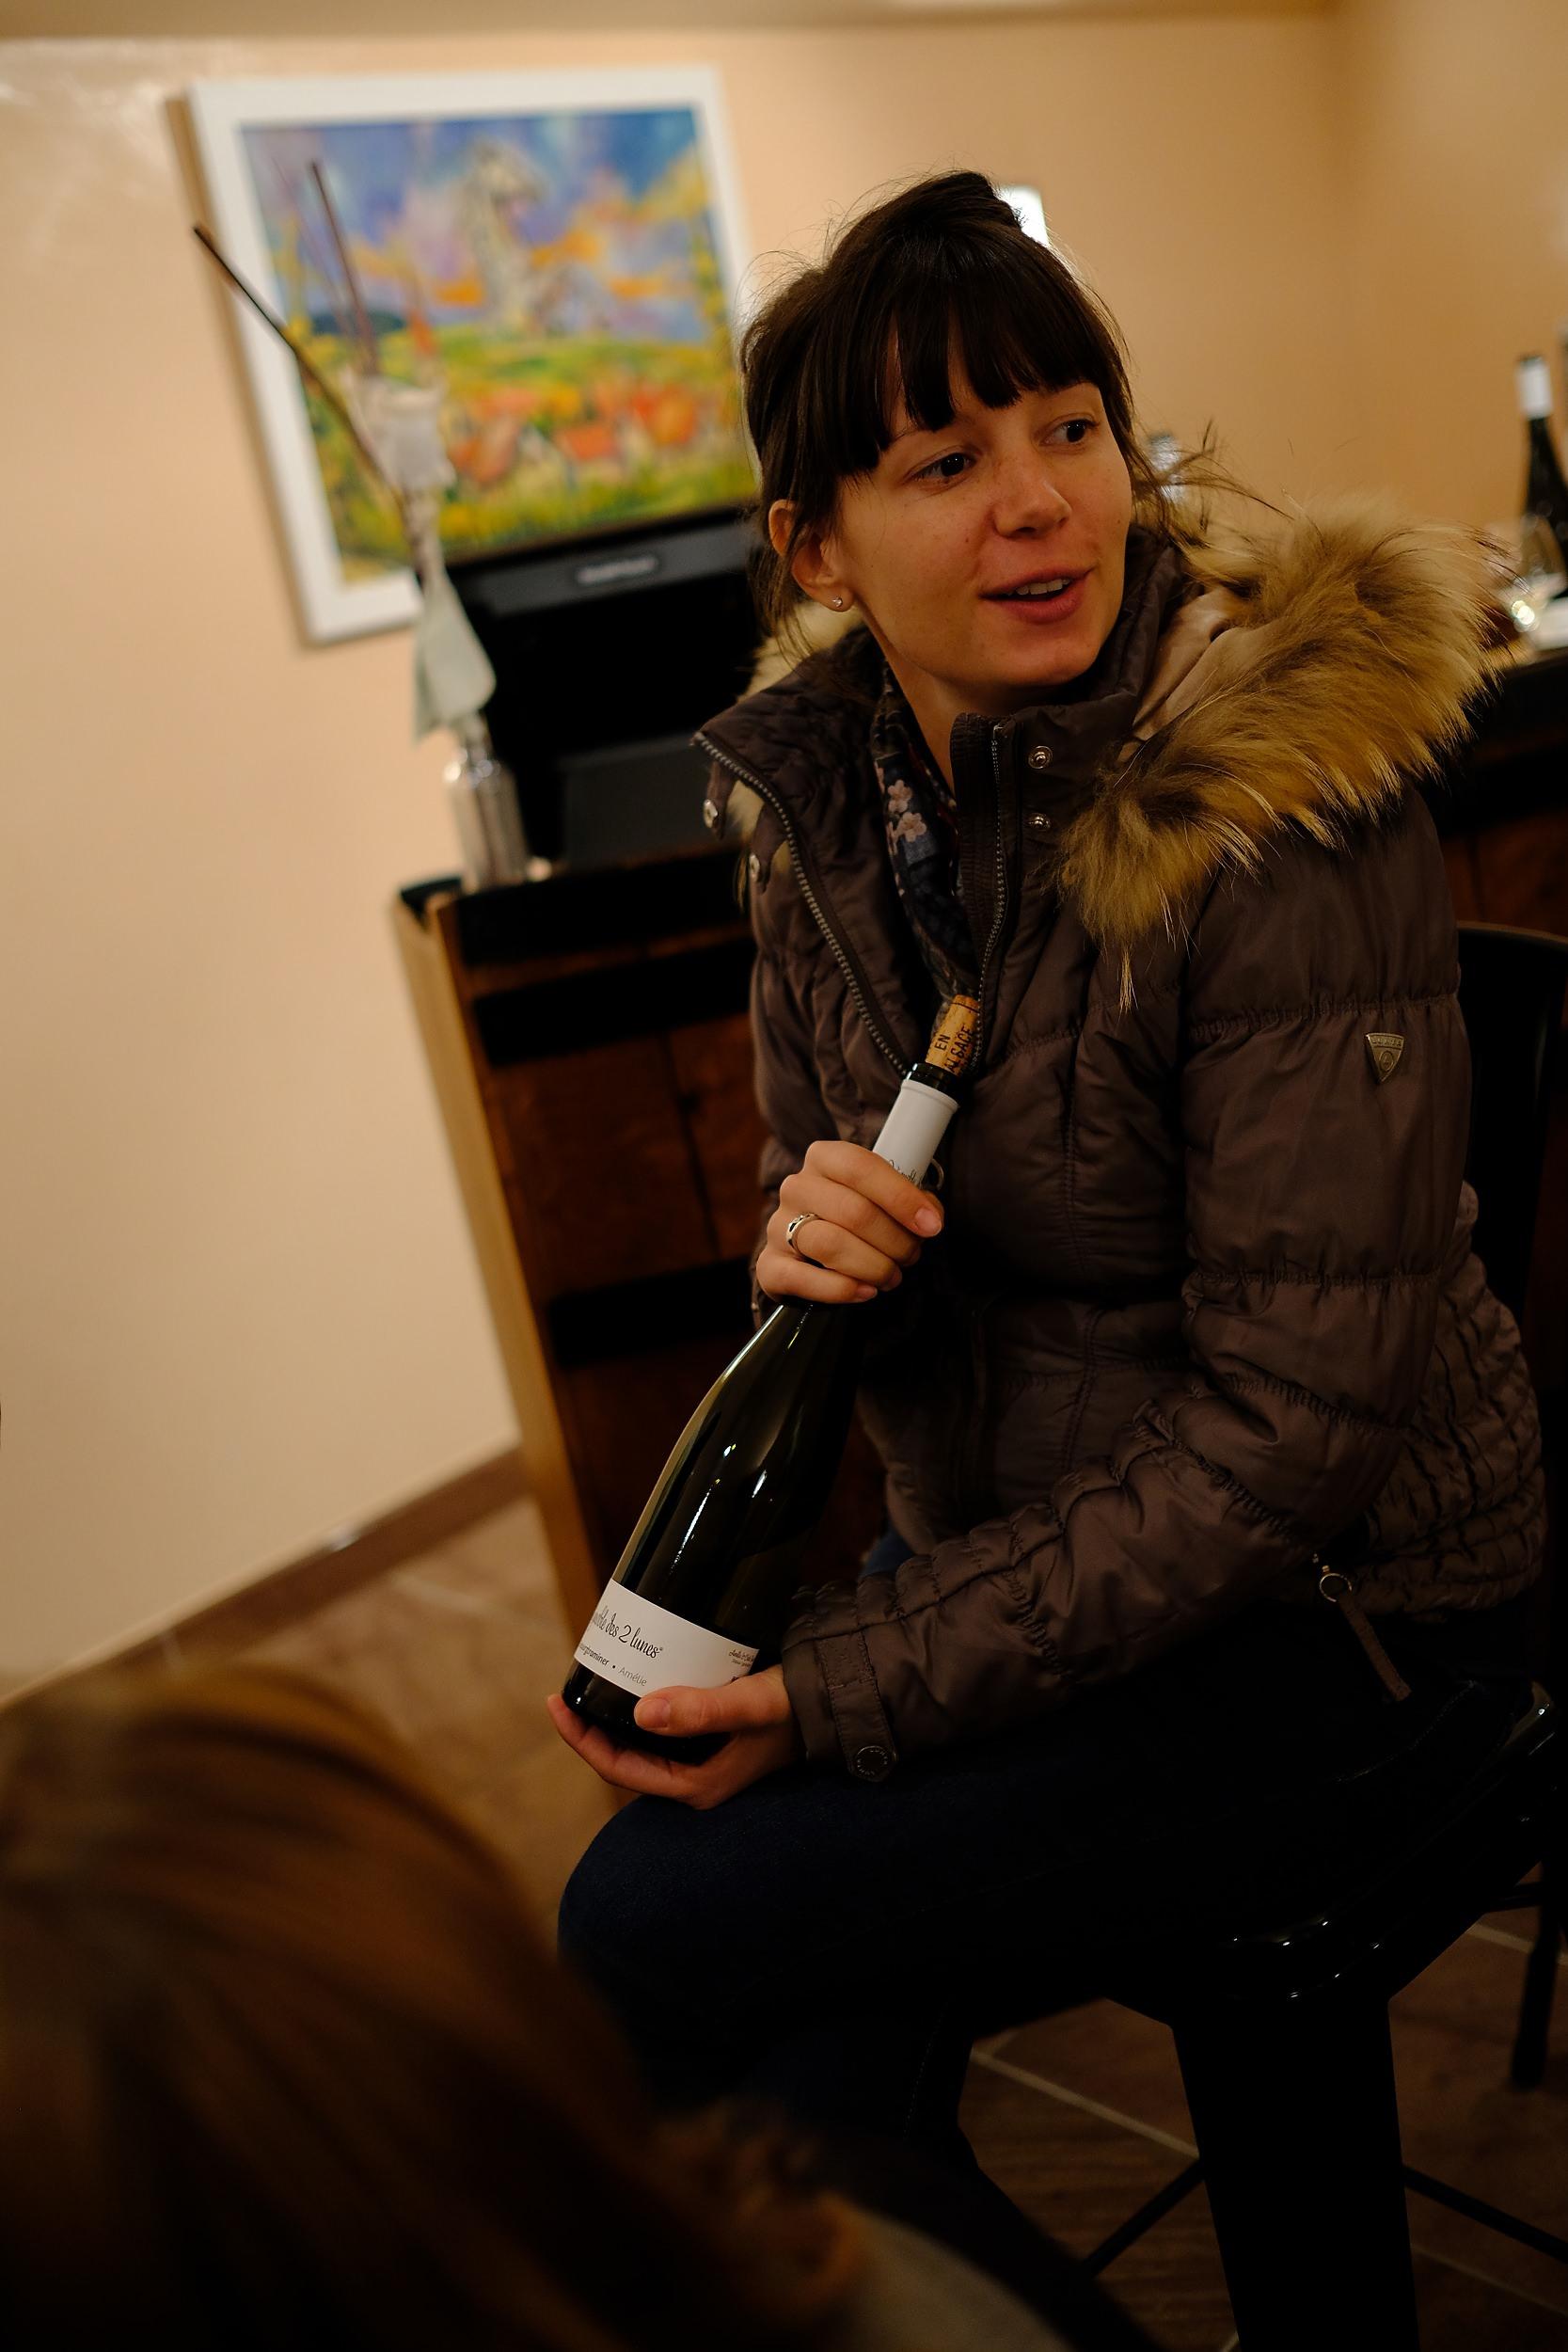 fotoreportage-wijn produceren-Vignoble des 2 lunes-Bosman Wijnkopers-482.jpg